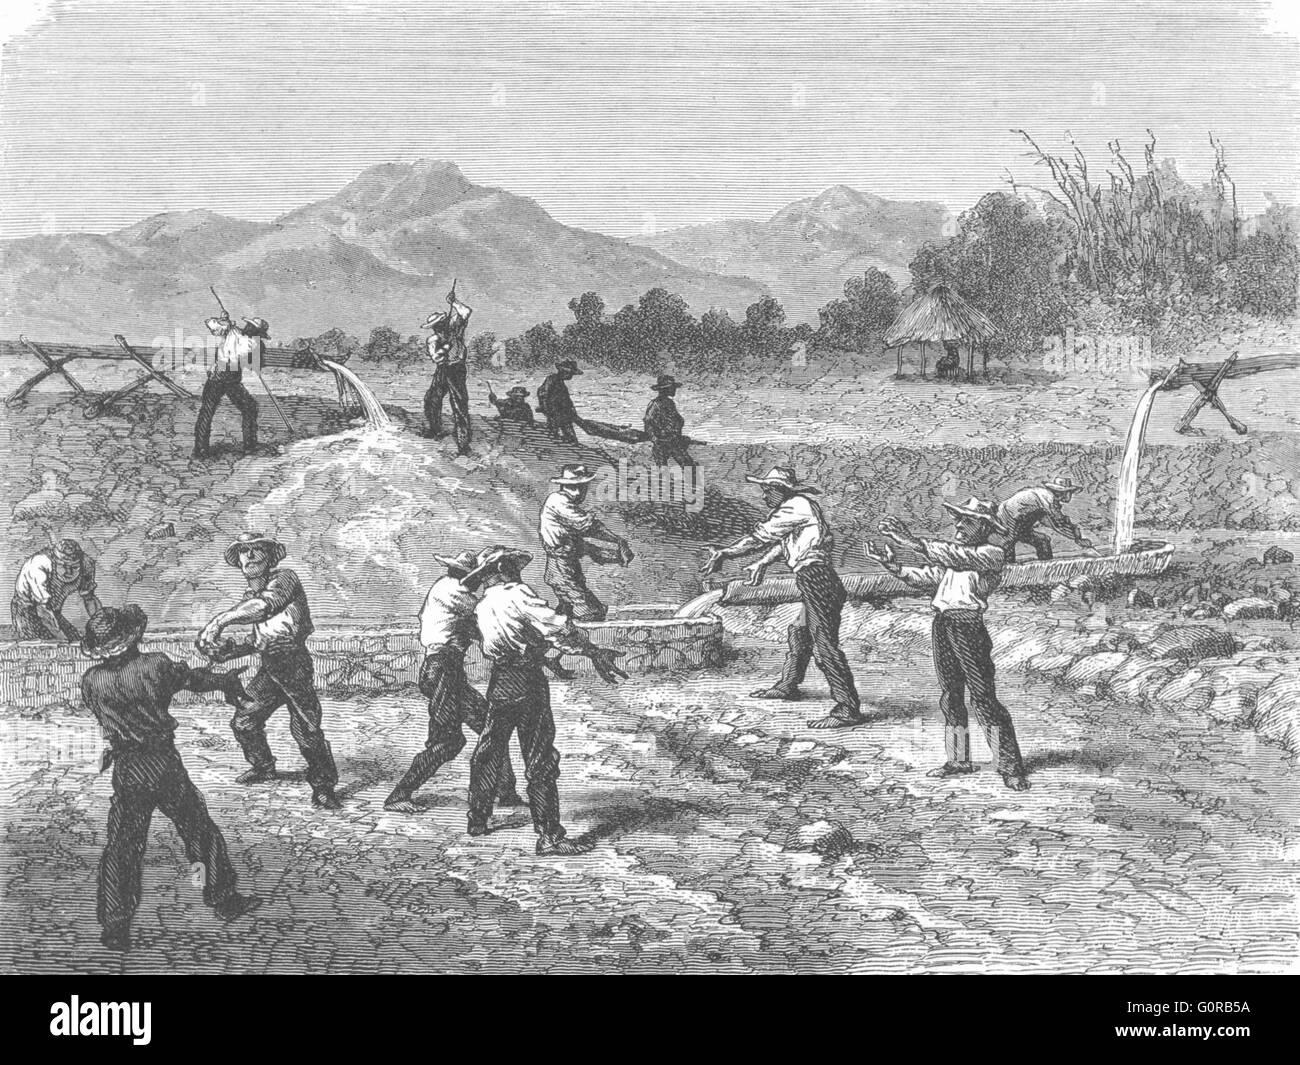 MINING: Long Tom Gold-Washing: at work, antique print 1880 - Stock Image